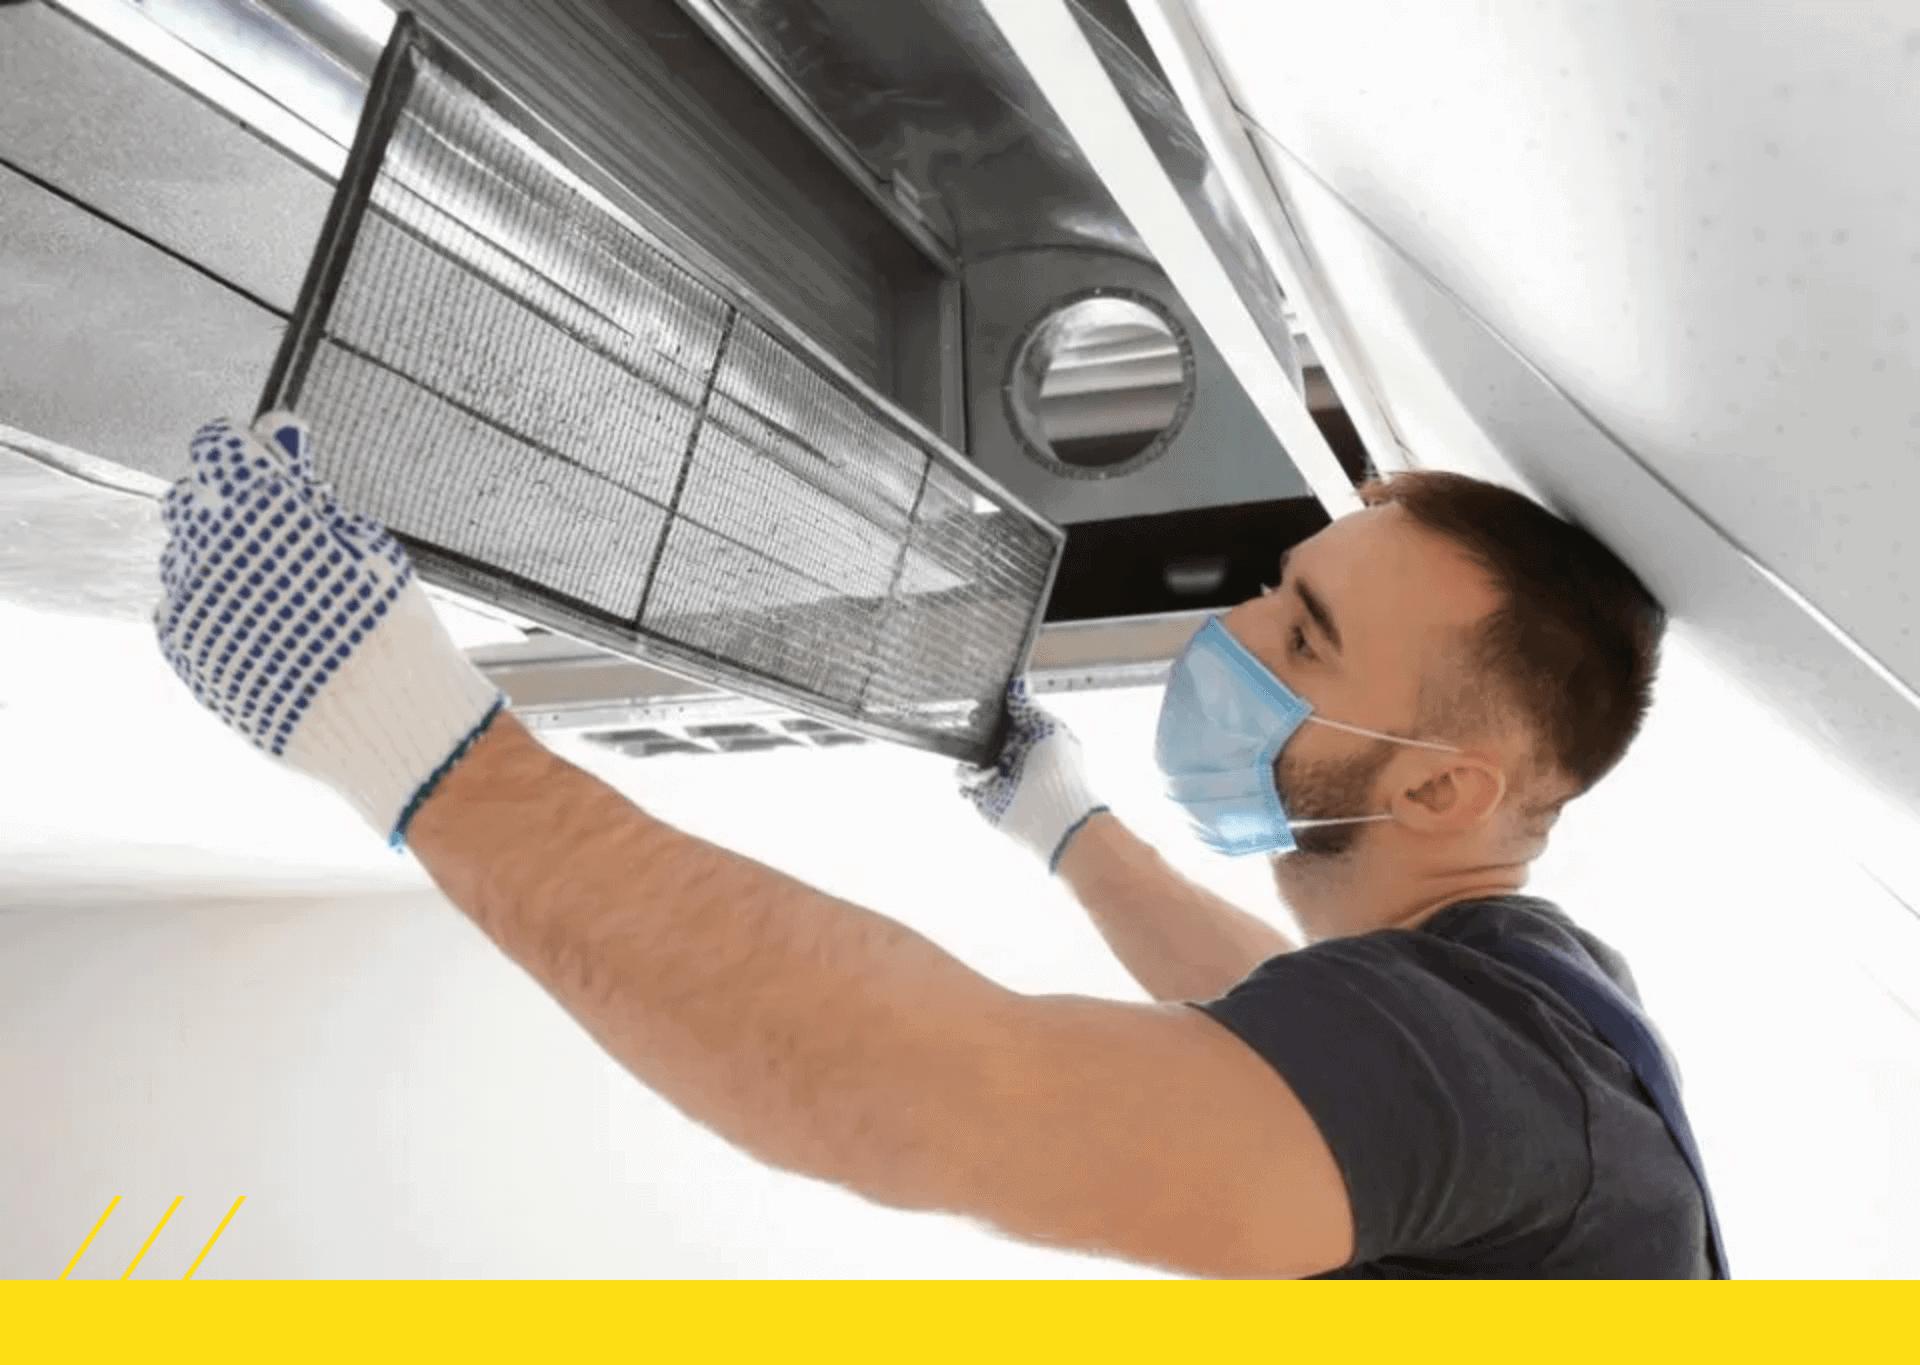 impianti termici bardani perugia installazioni lavoratore certificazione qualità prodotti servizi